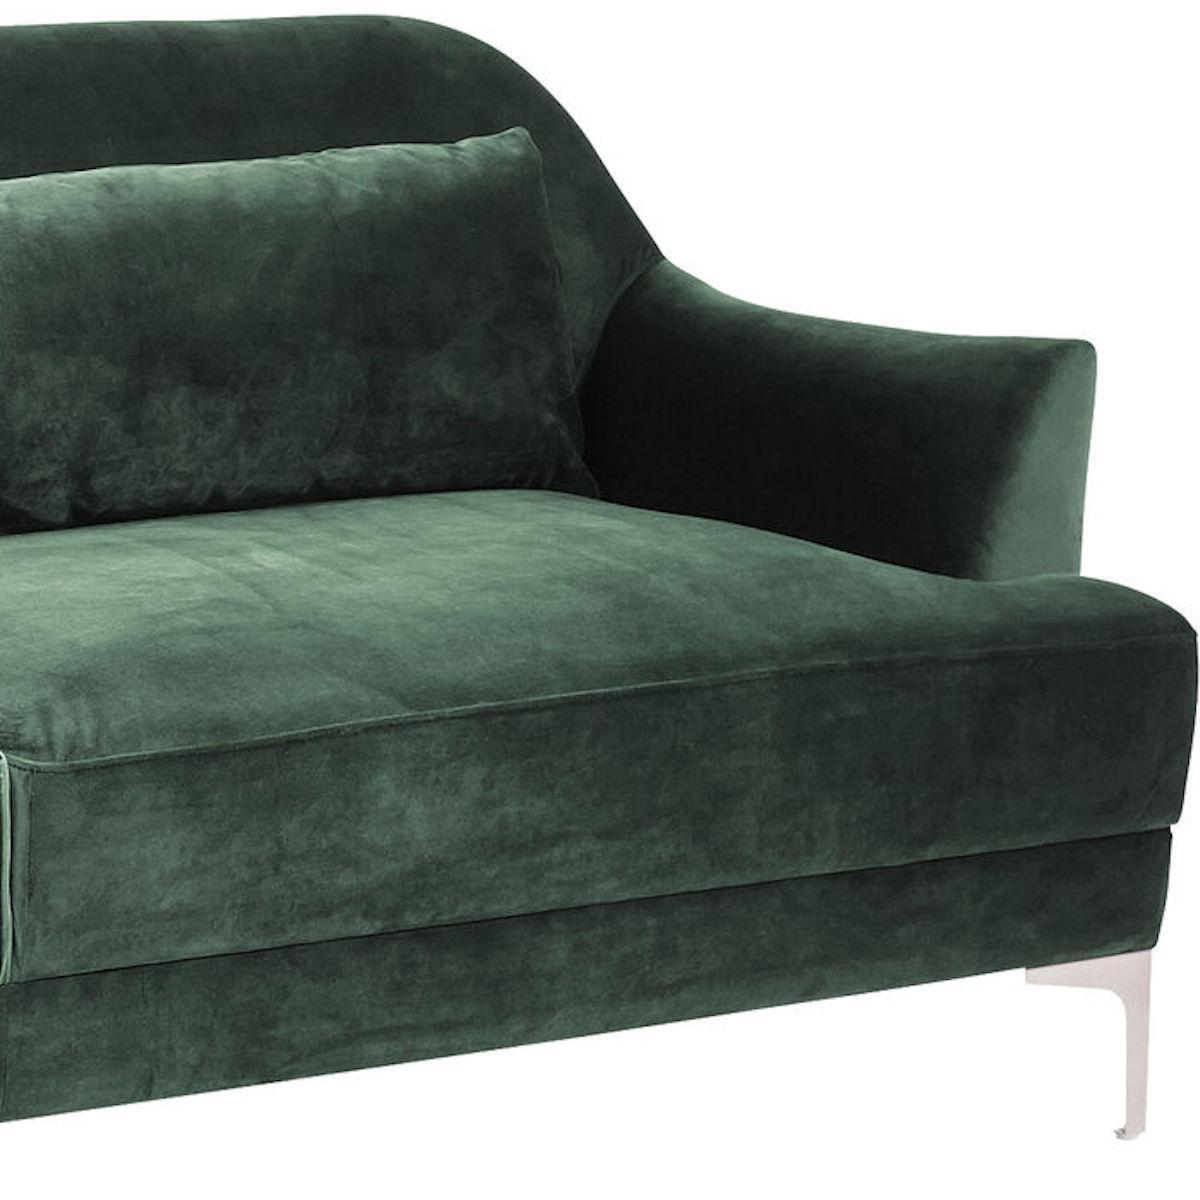 Canapé 3 places PROUD Kare Design vert